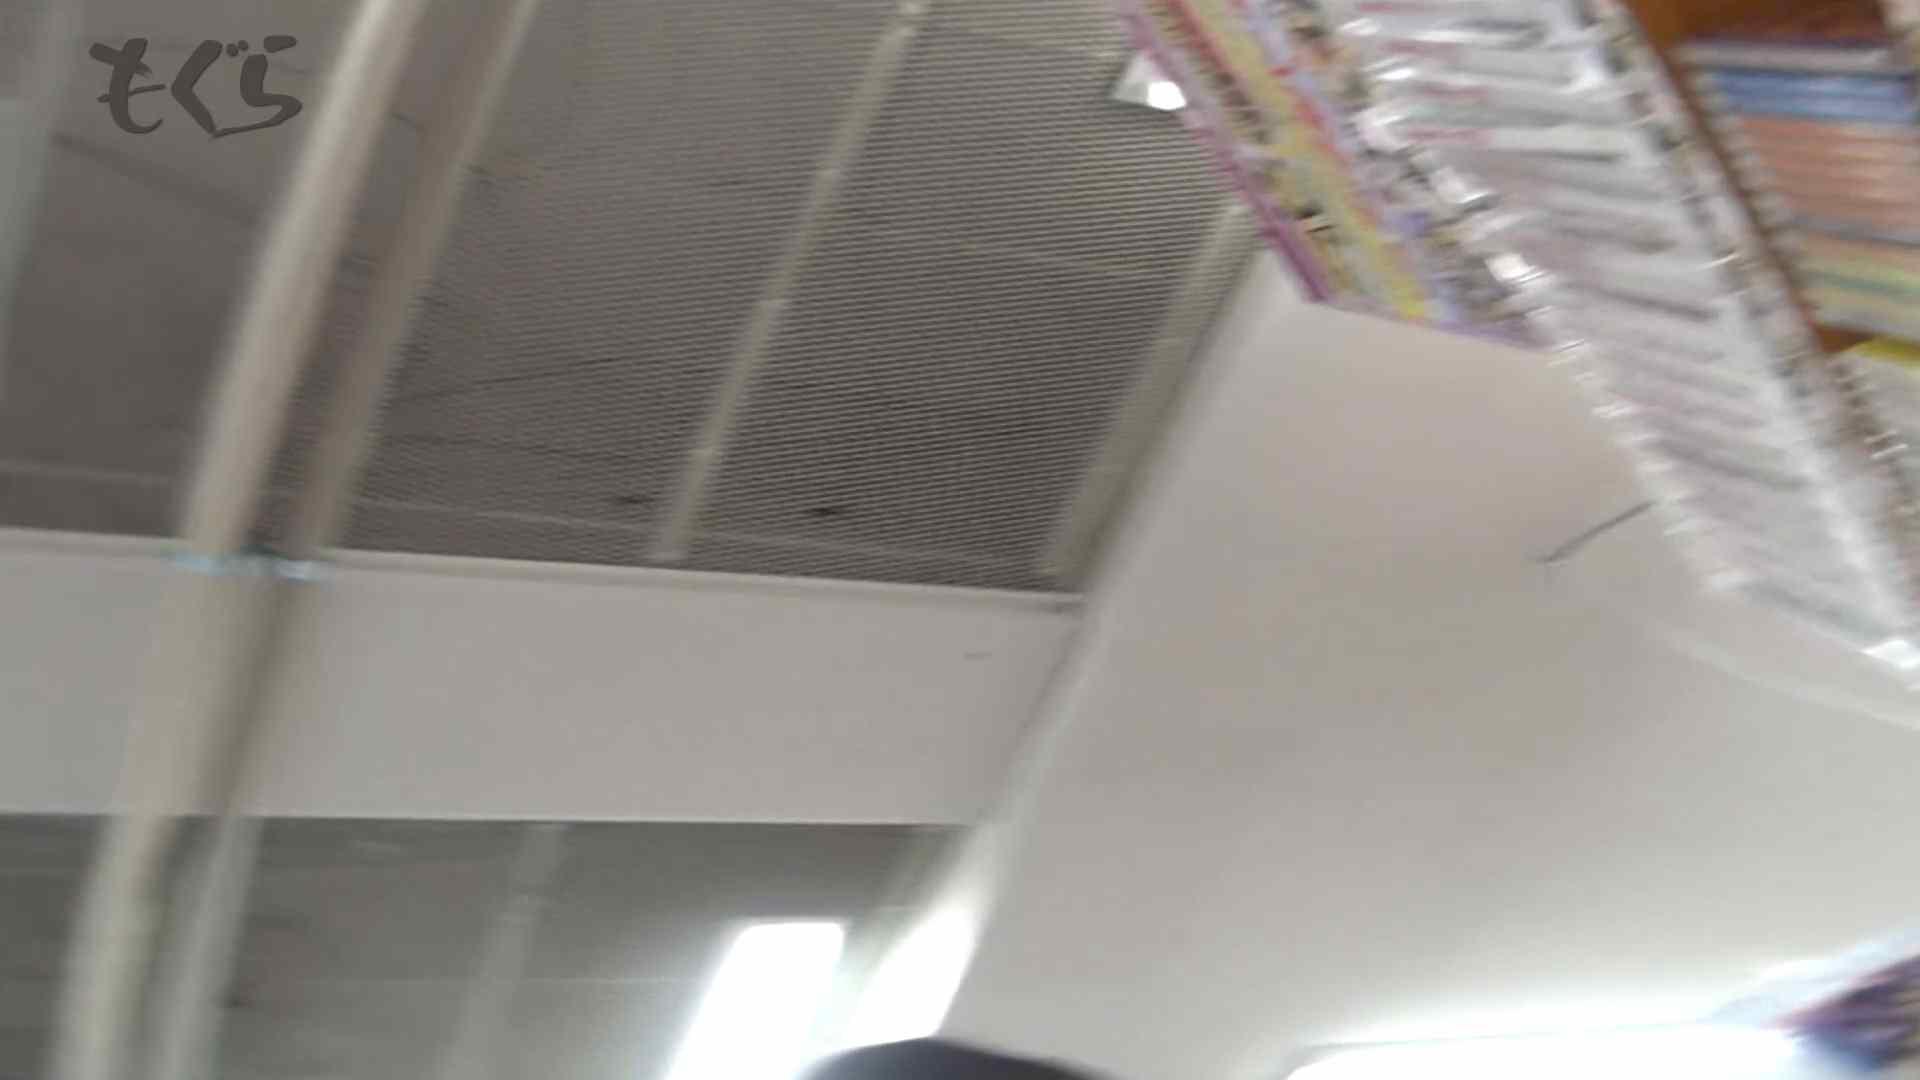 隣からNo27 清楚系お女市さん、買い物中は無防備です。 盗撮 エロ画像 62pic 8